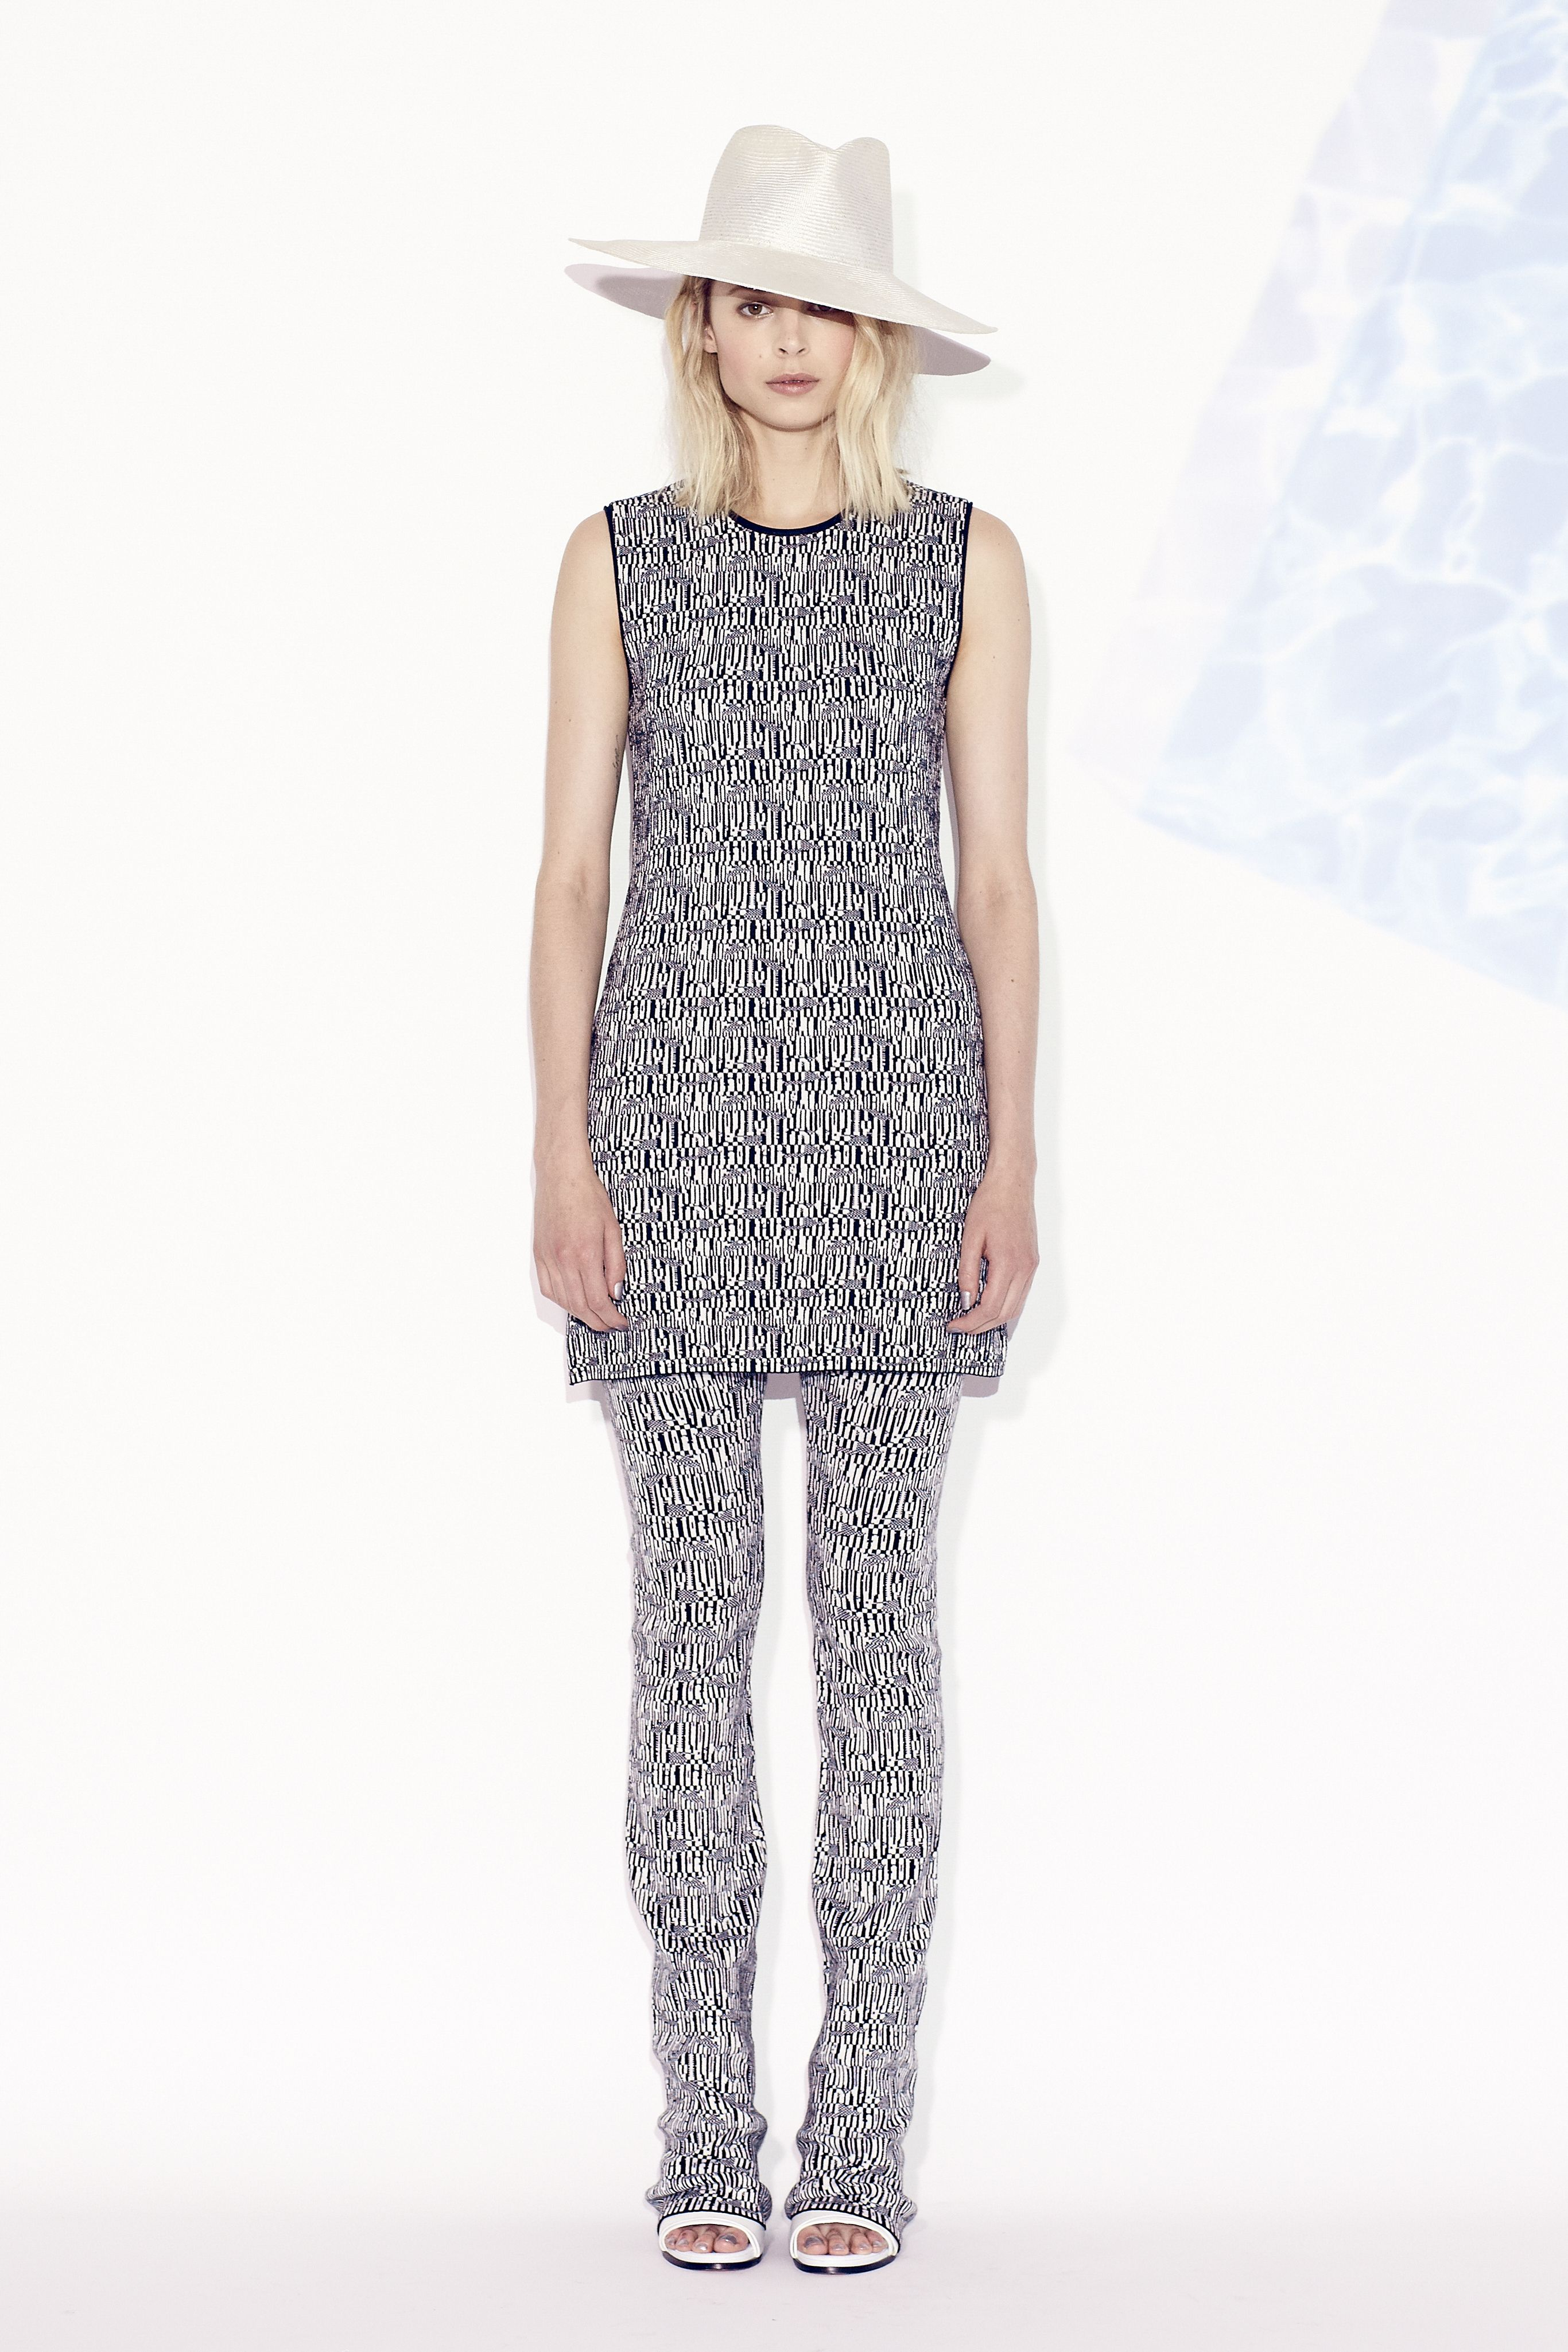 b0bb30df388 Tess Giberson Fragmented Birdseye Striped Knit Dress   Pants ...